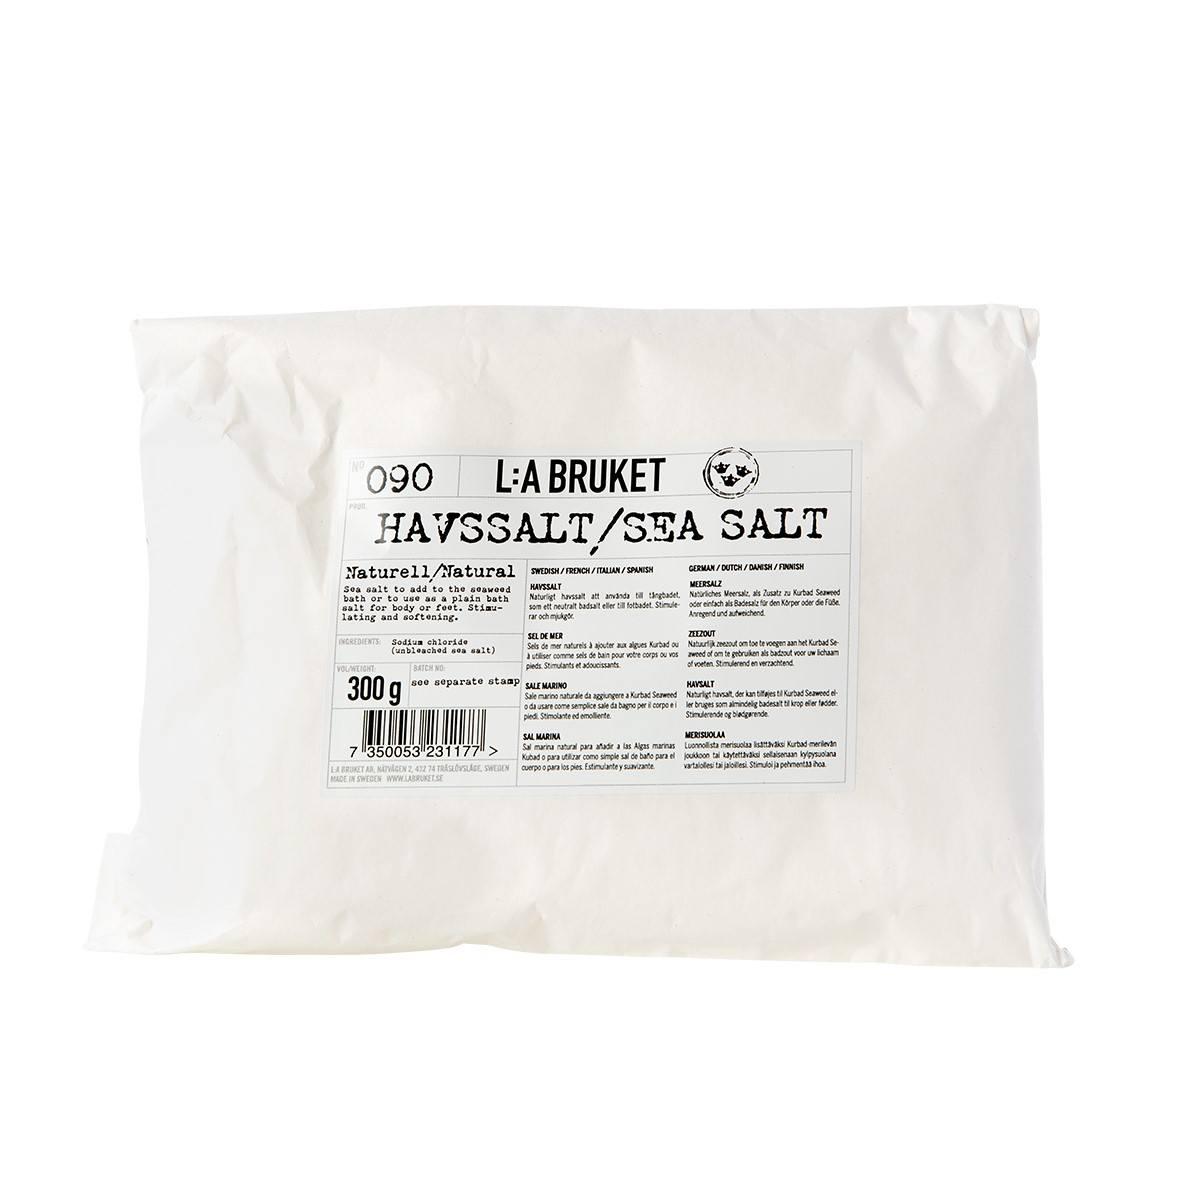 L:A BRUKET Mořská koupelová sůl 300 gr, bílá barva, papír